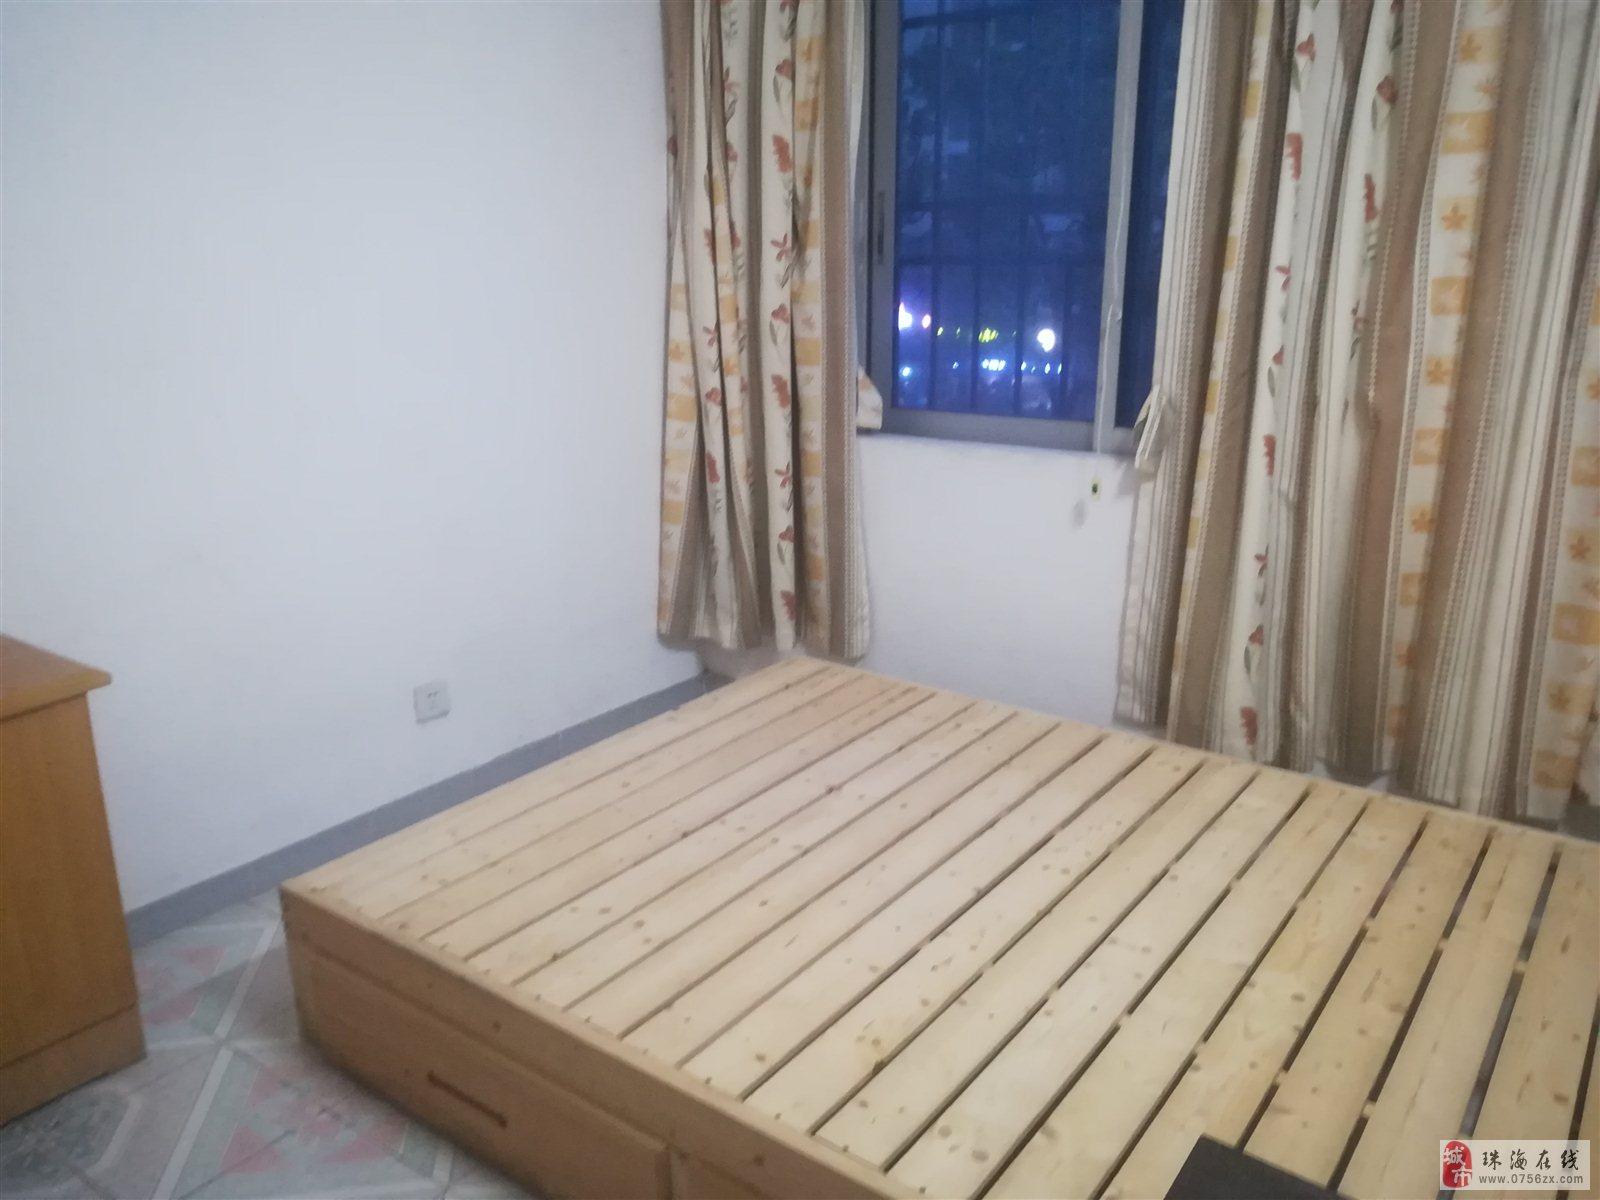 珠海市香洲区夏美路一套房子出租